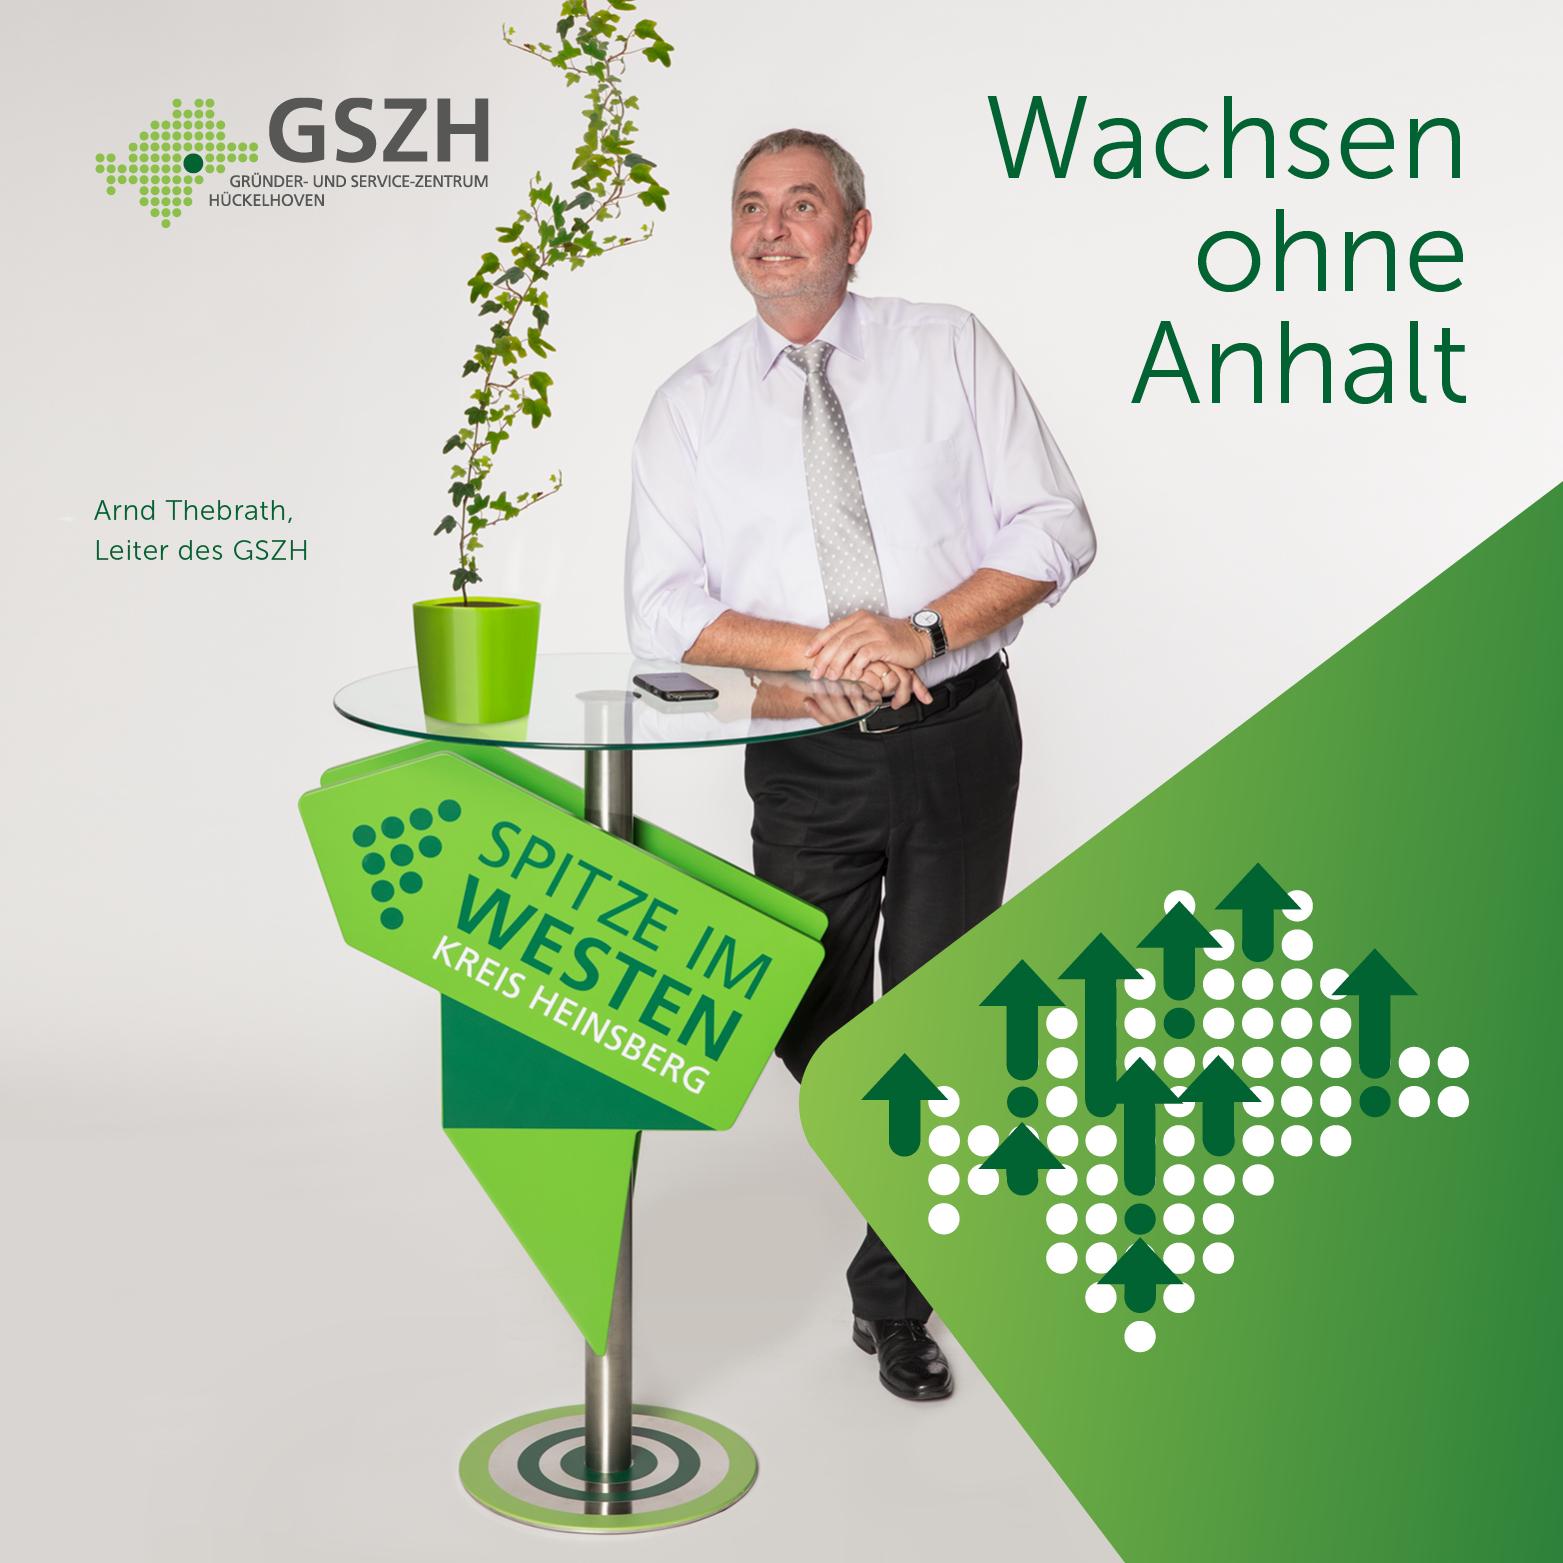 SiW4_WFG-Motive_Header_Wachsen